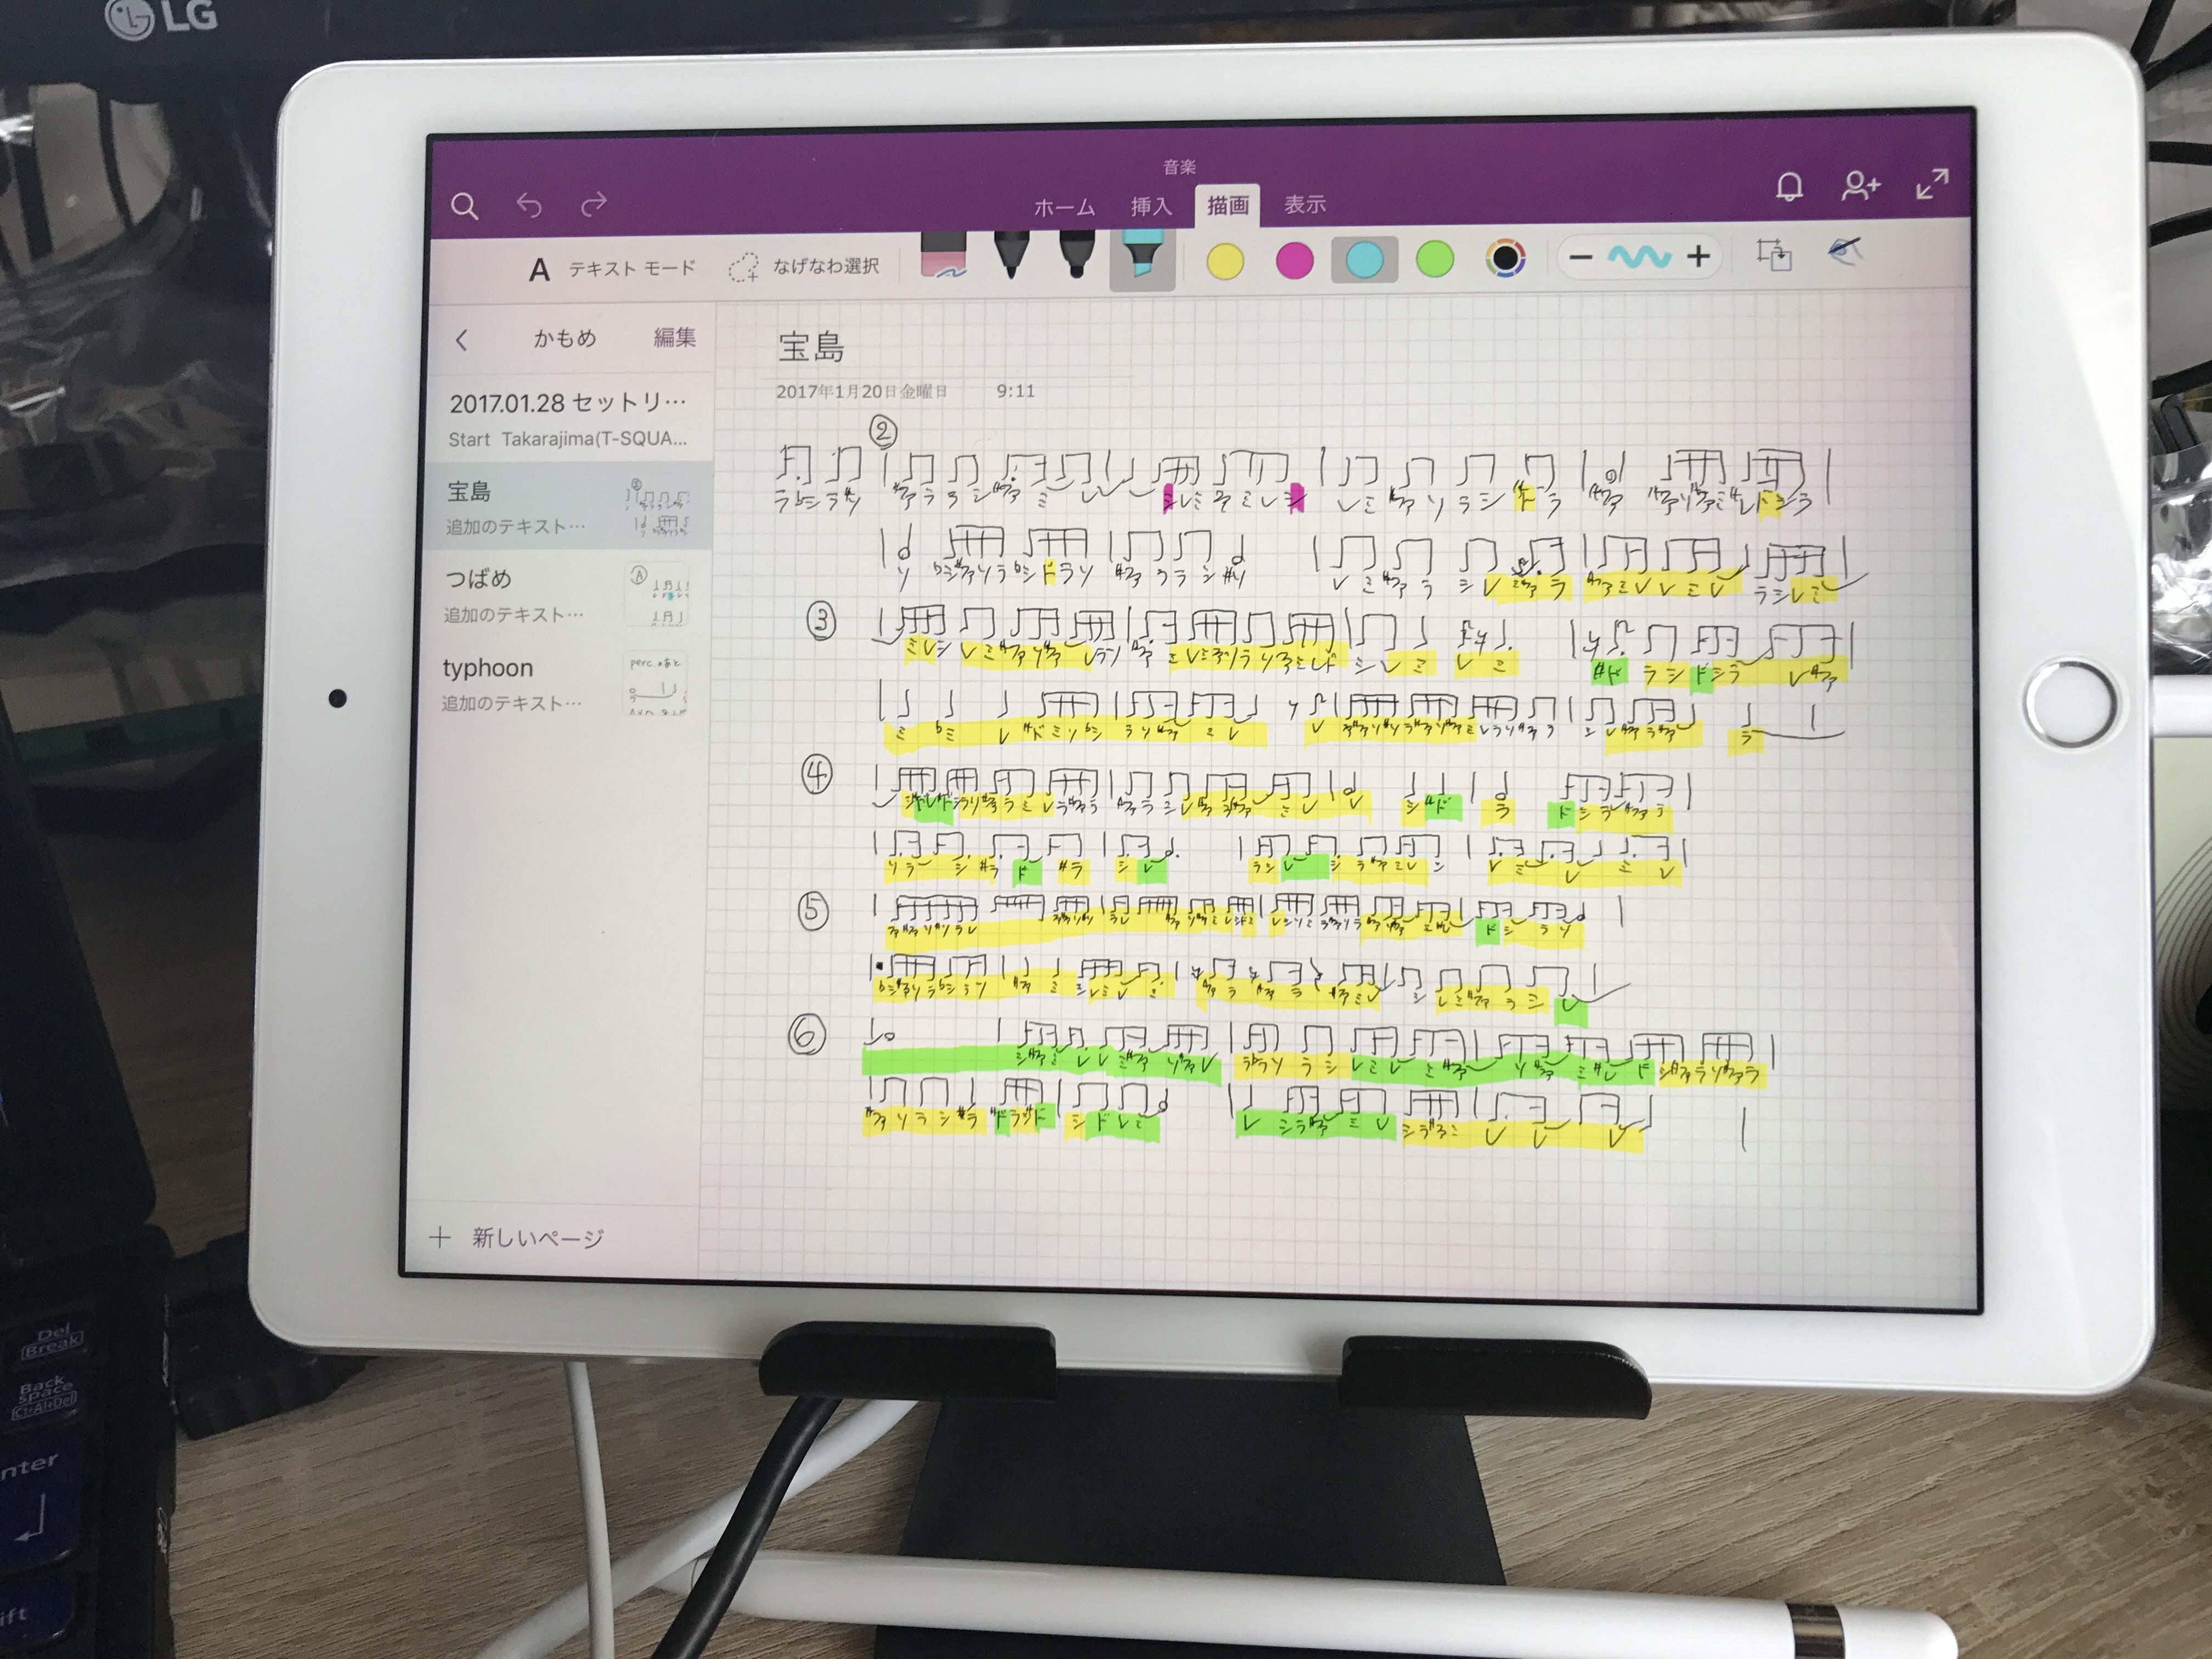 iPad ProとApple Pencilの組み合わせは、書き心地はいいのだが…気になるところ